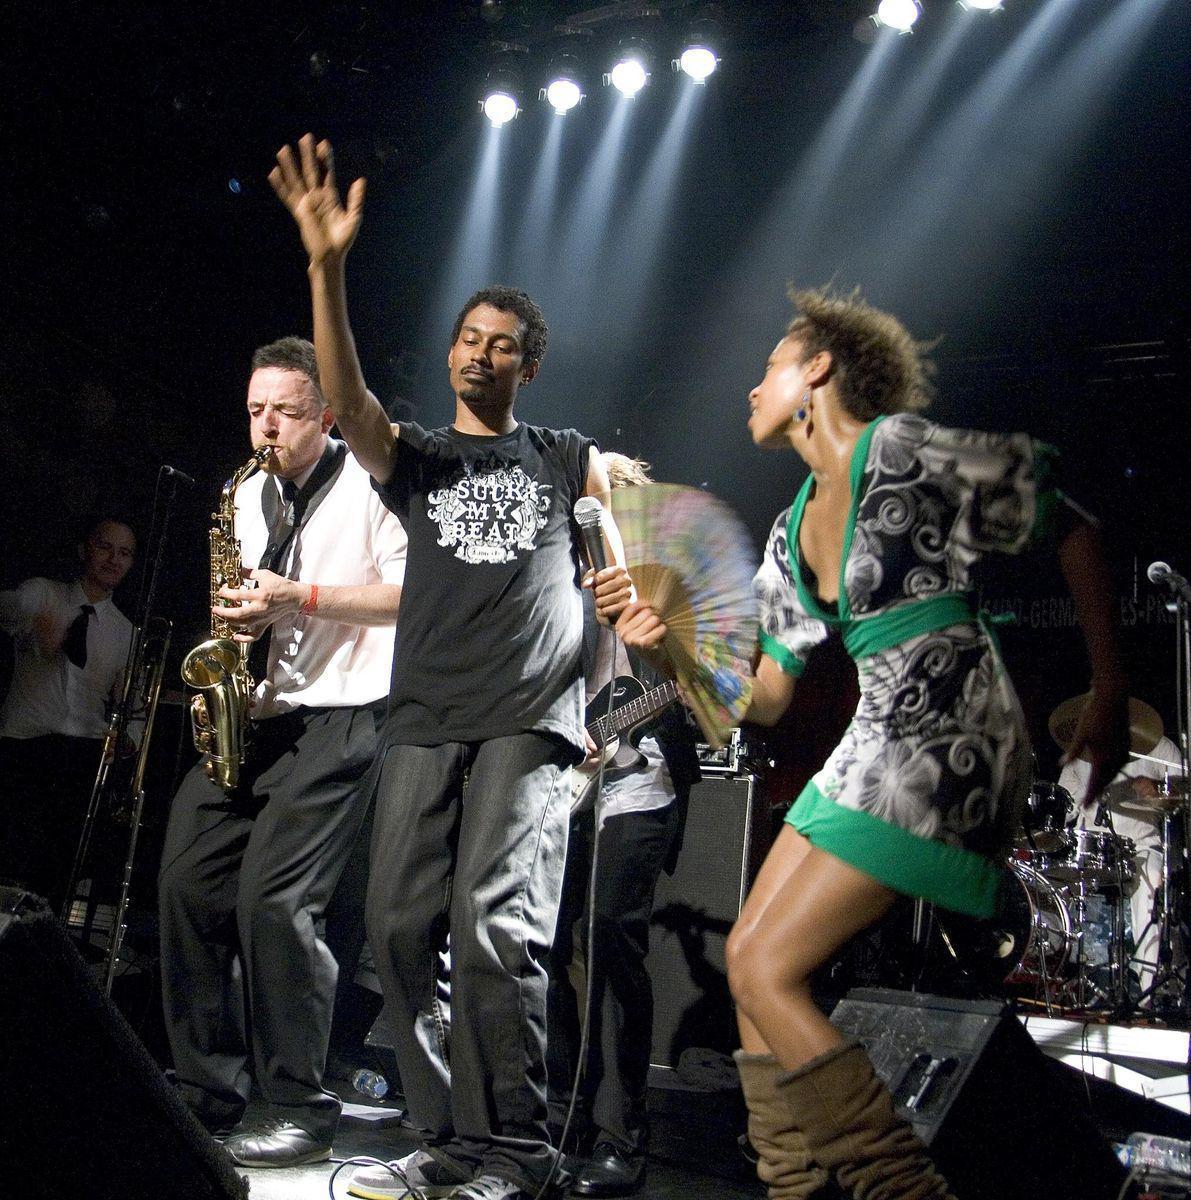 Festival Jazz à Saint-Germain-des-prés_Paris